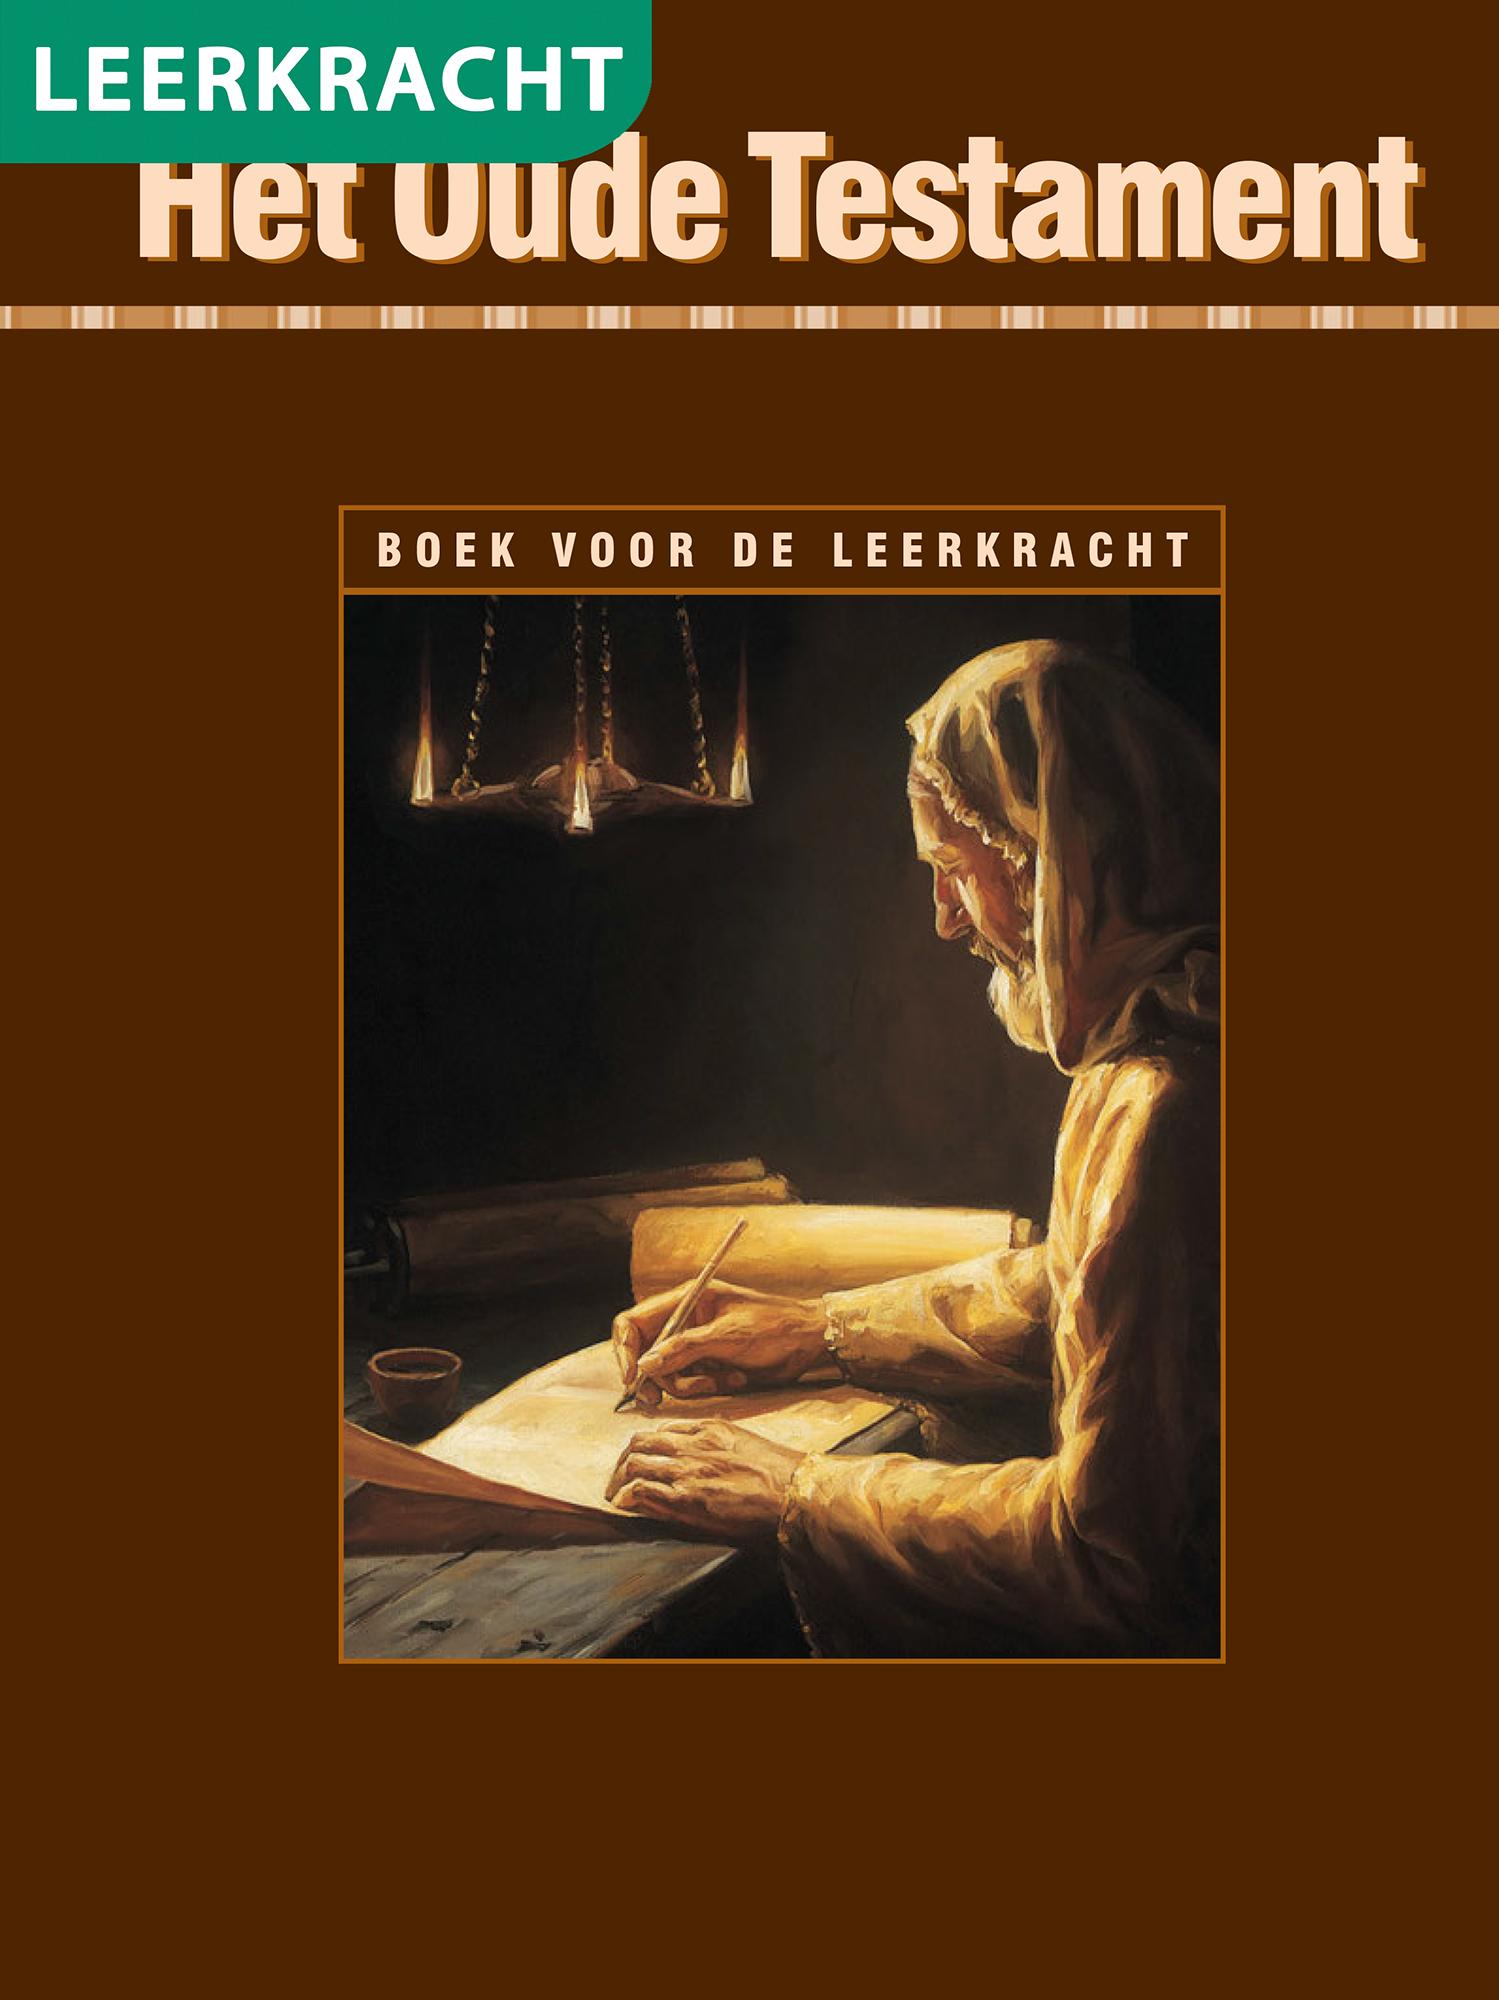 Het Oude Testament — boek voor de seminarieleerkracht